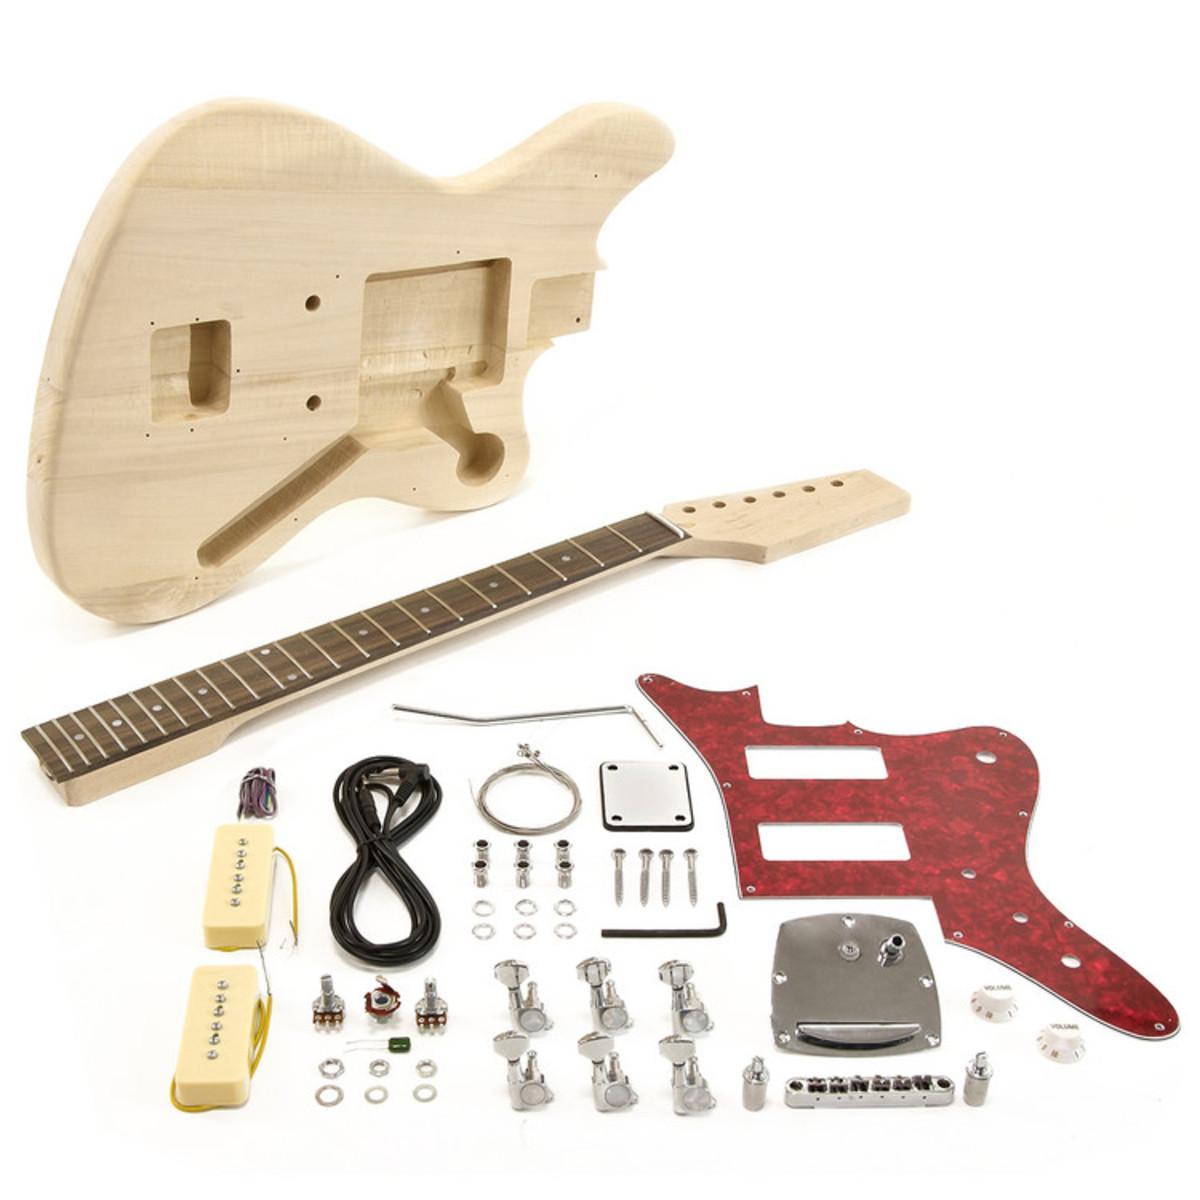 seattle jazz electric guitar diy kit at. Black Bedroom Furniture Sets. Home Design Ideas